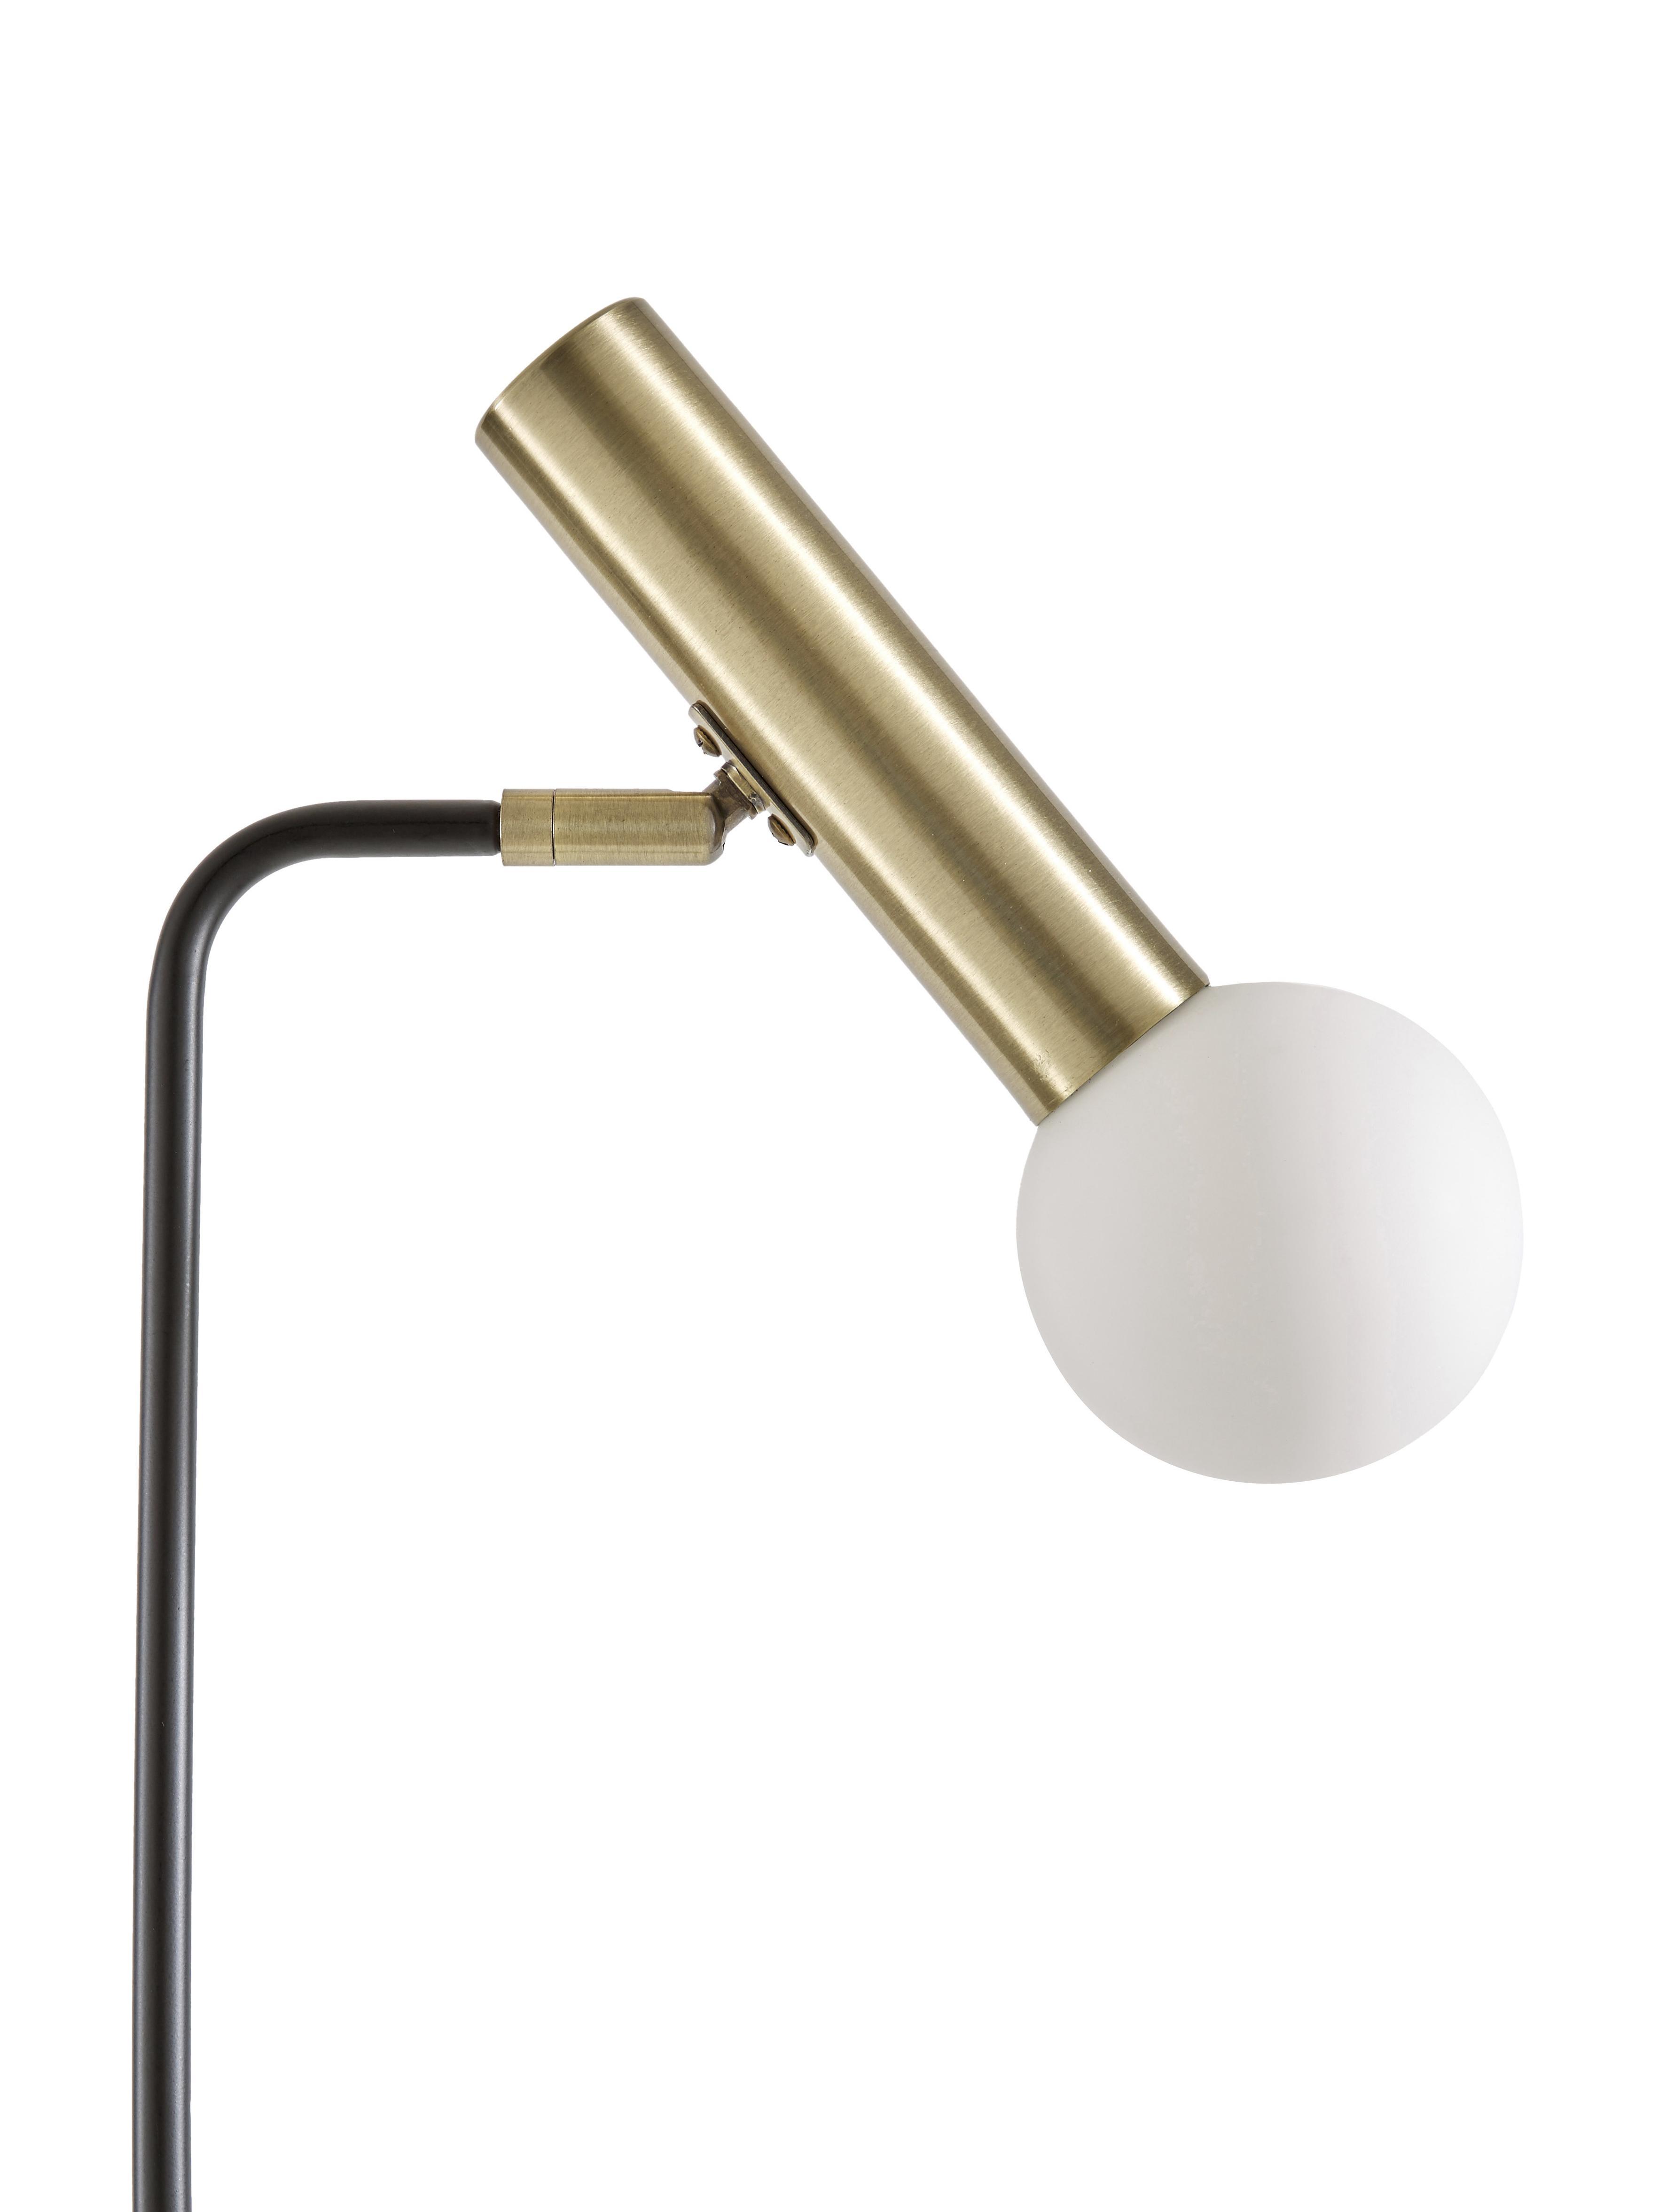 Leeslamp Wilson, Lampvoet: metaal, Lampenkap: glas, Zwart, Ø 23 x H 153 cm